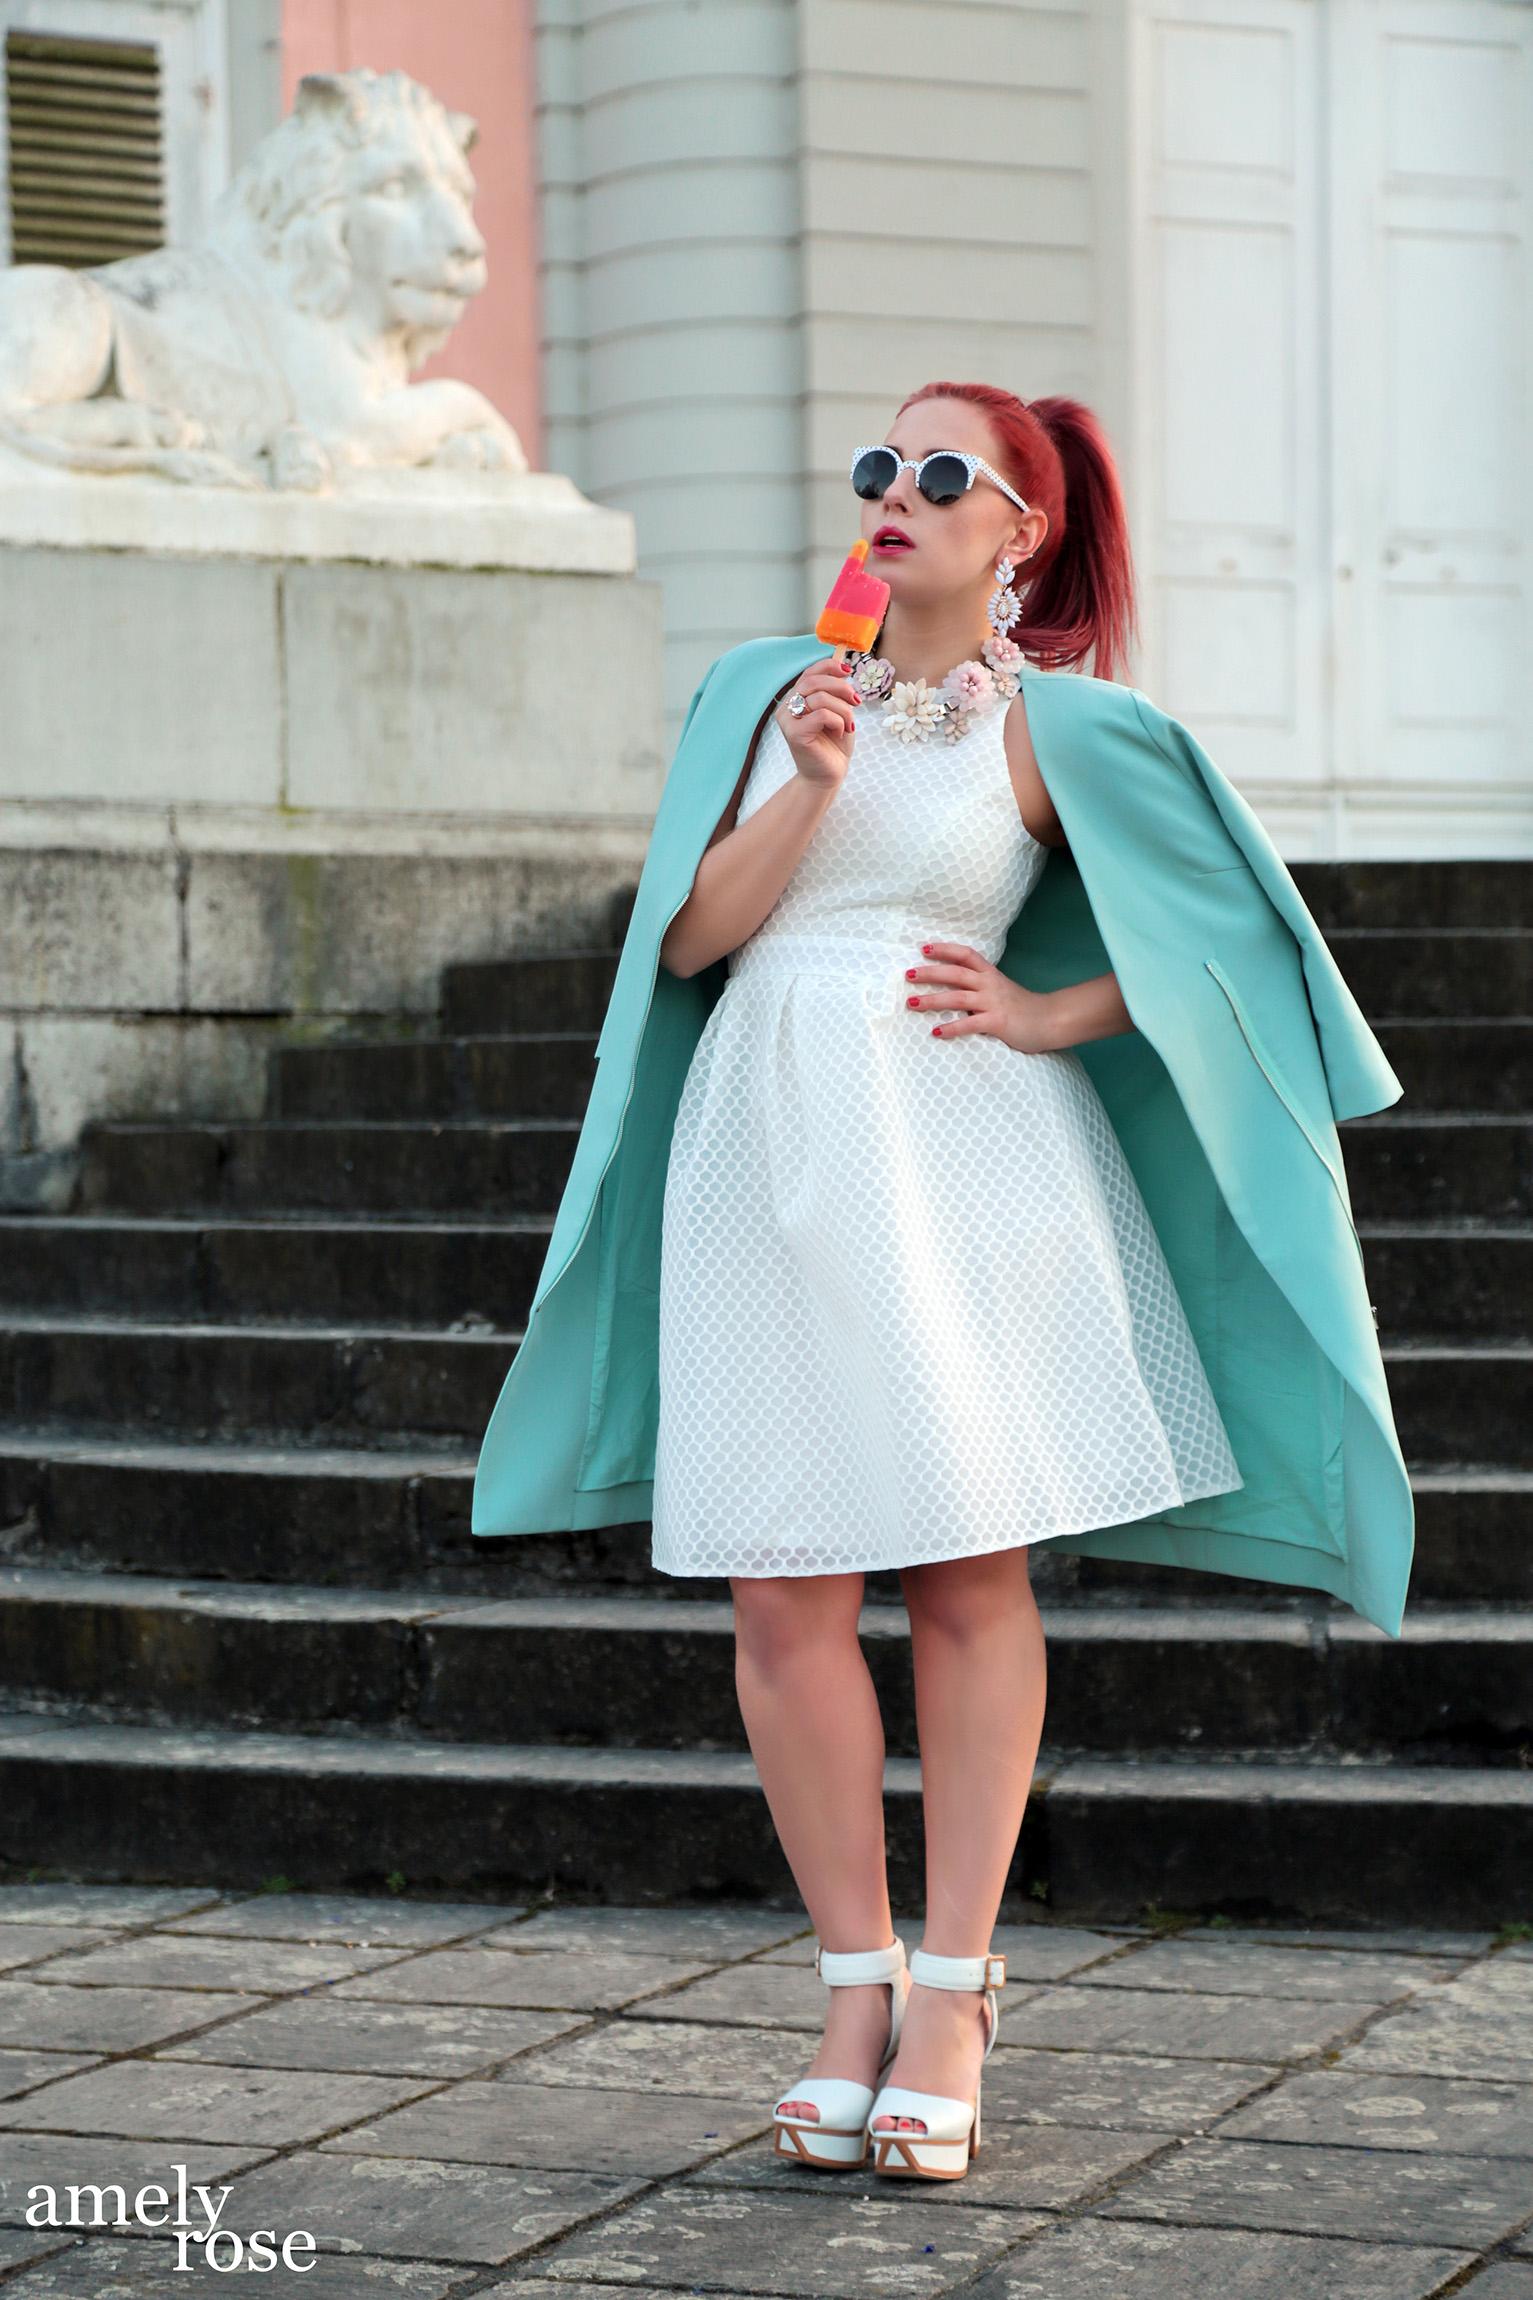 amely rose in einem sommeroutfit mit einem blauen mantel